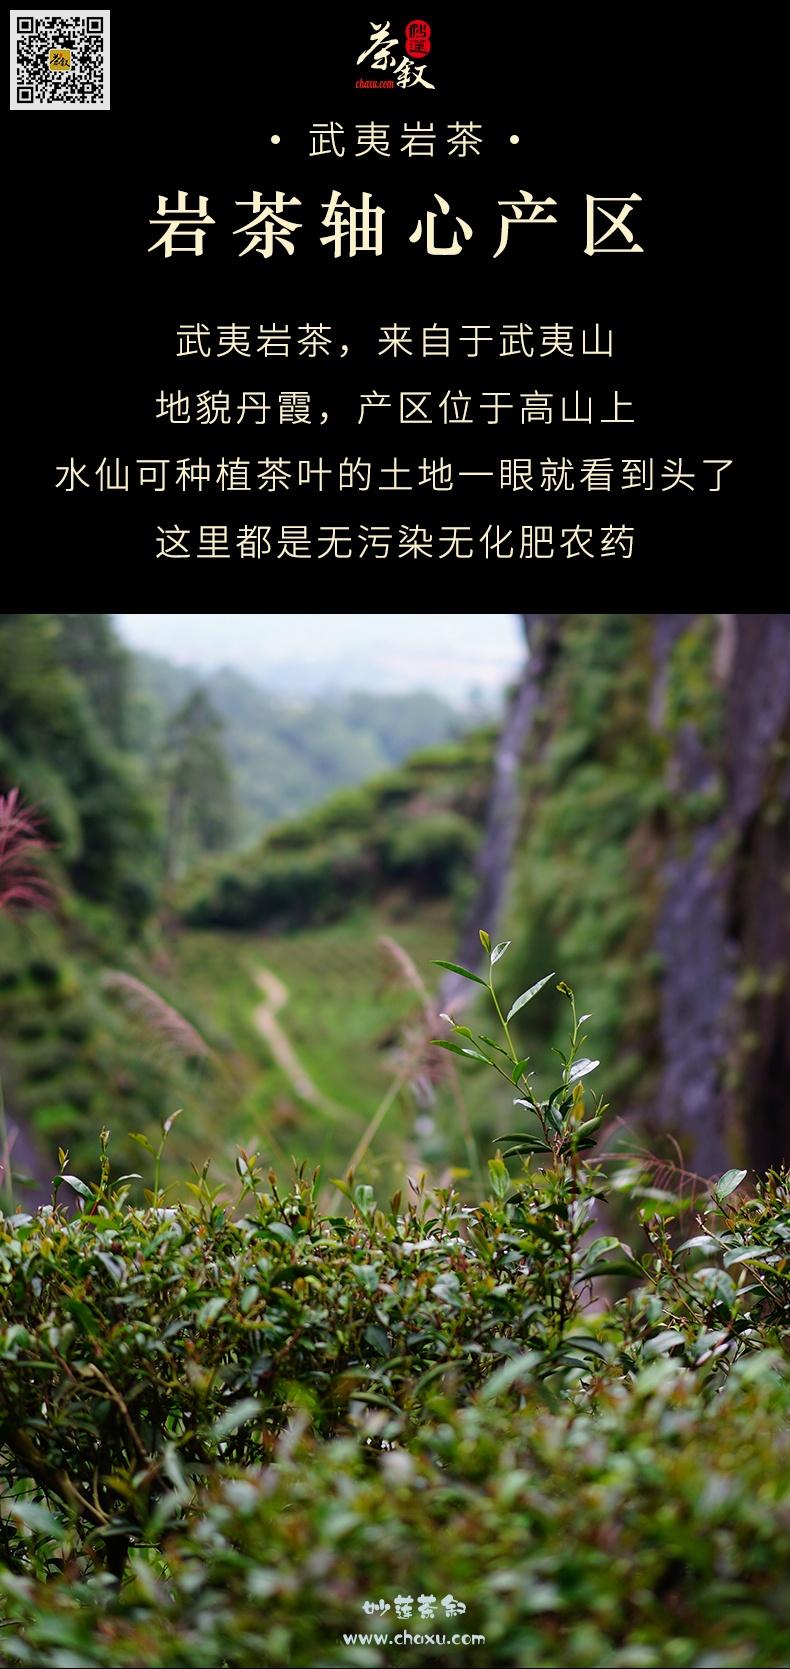 水仙岩茶工作茶产自武夷山高山茶区